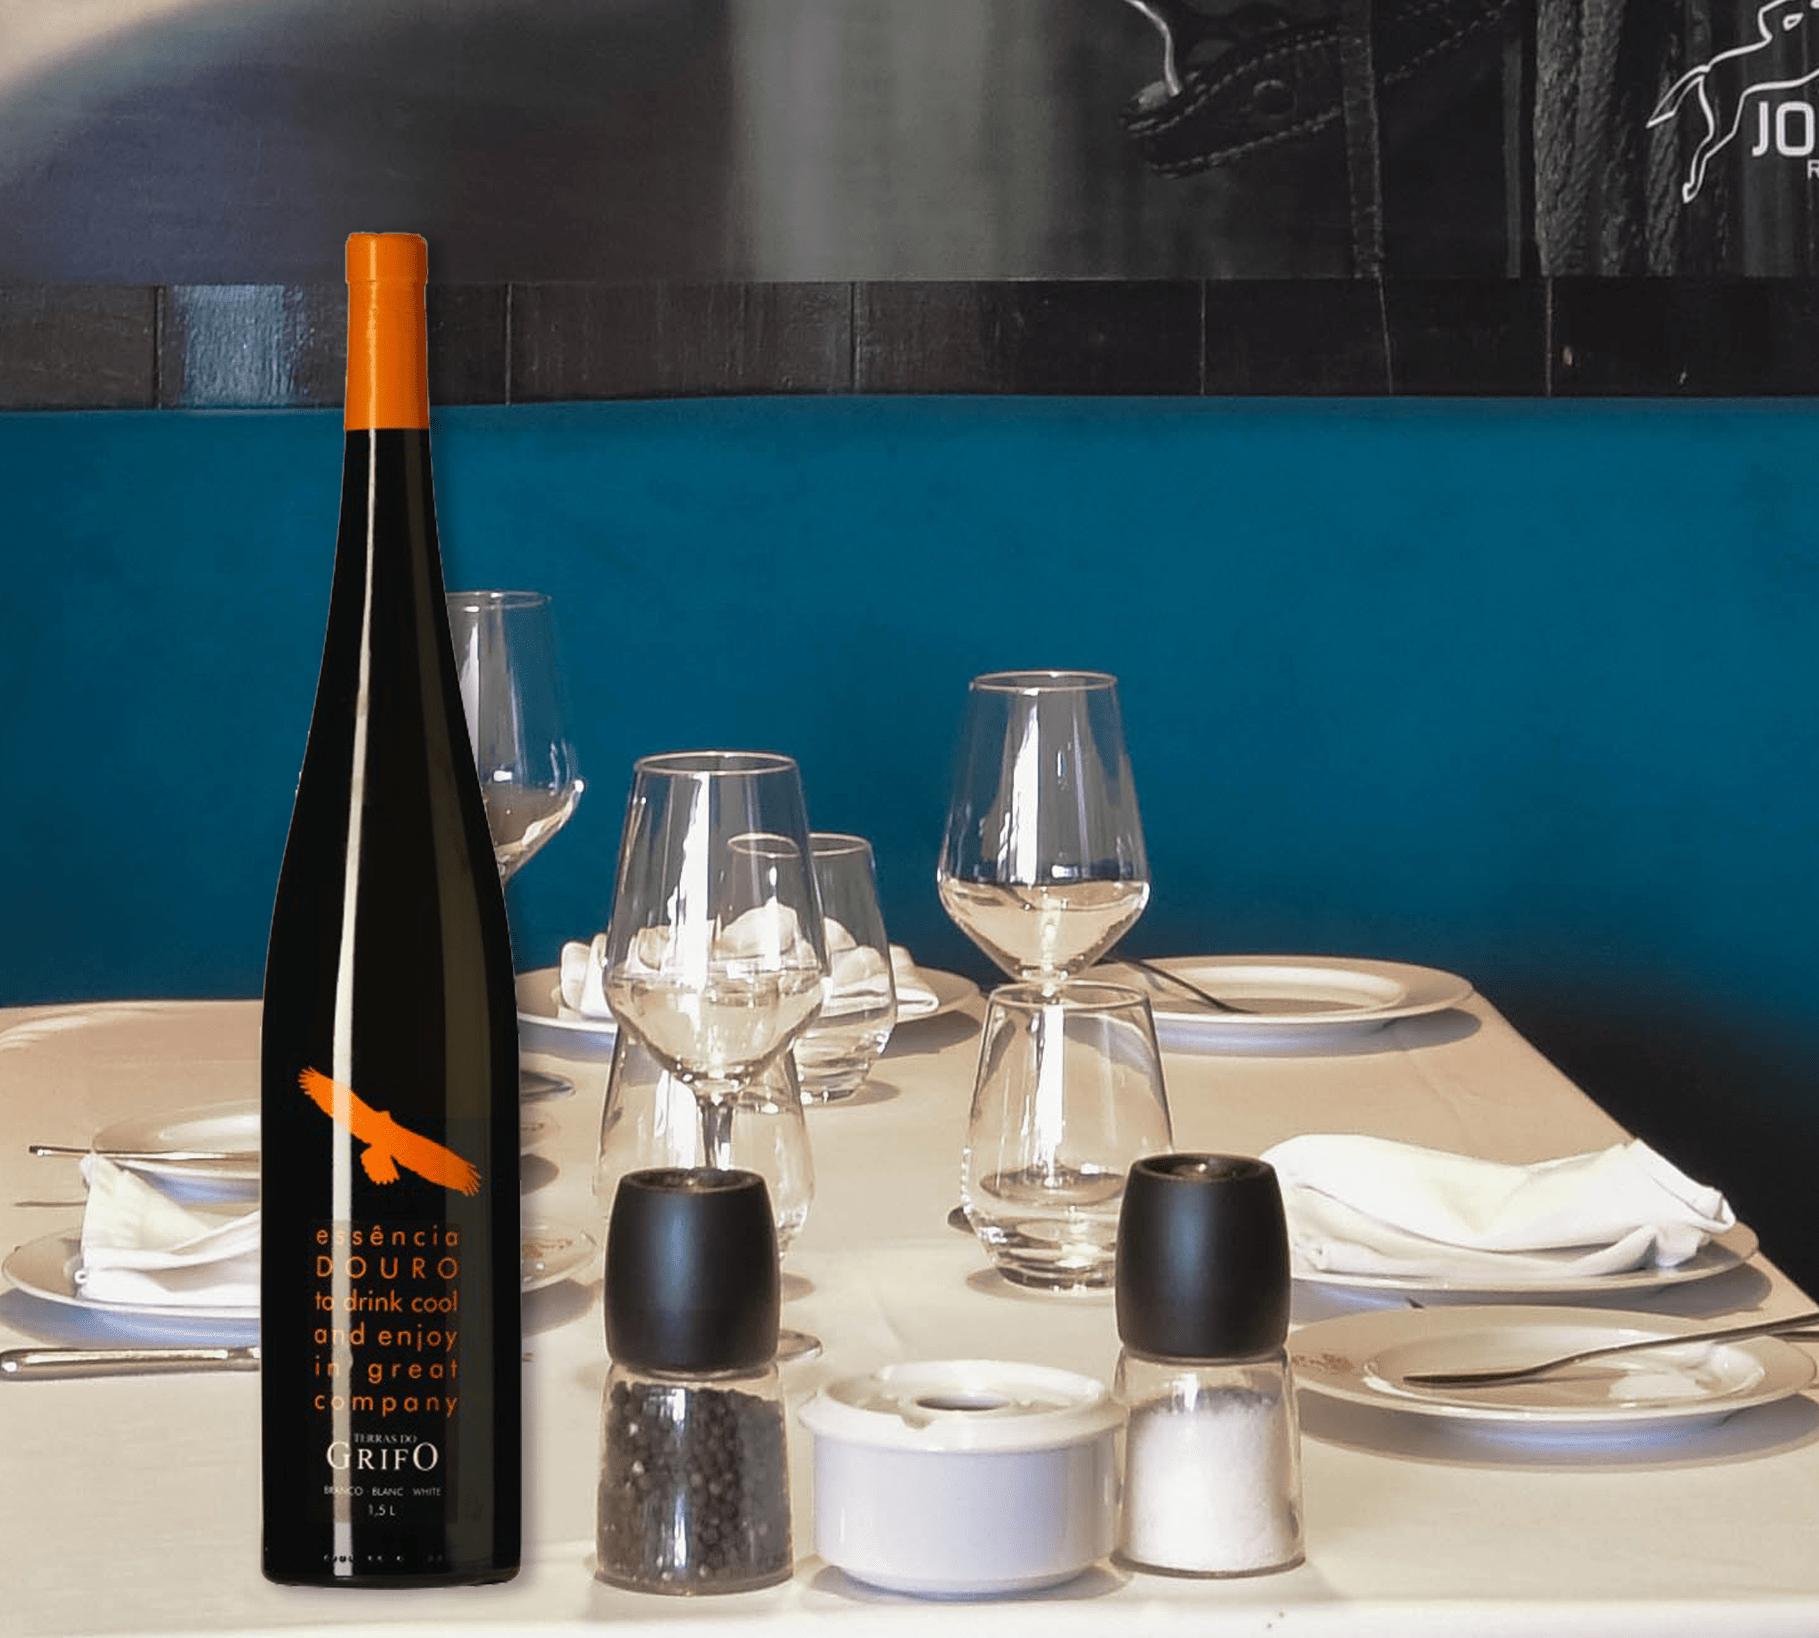 Terras Do Grifo Essência: sabores do Douro à Mesa do Jockey